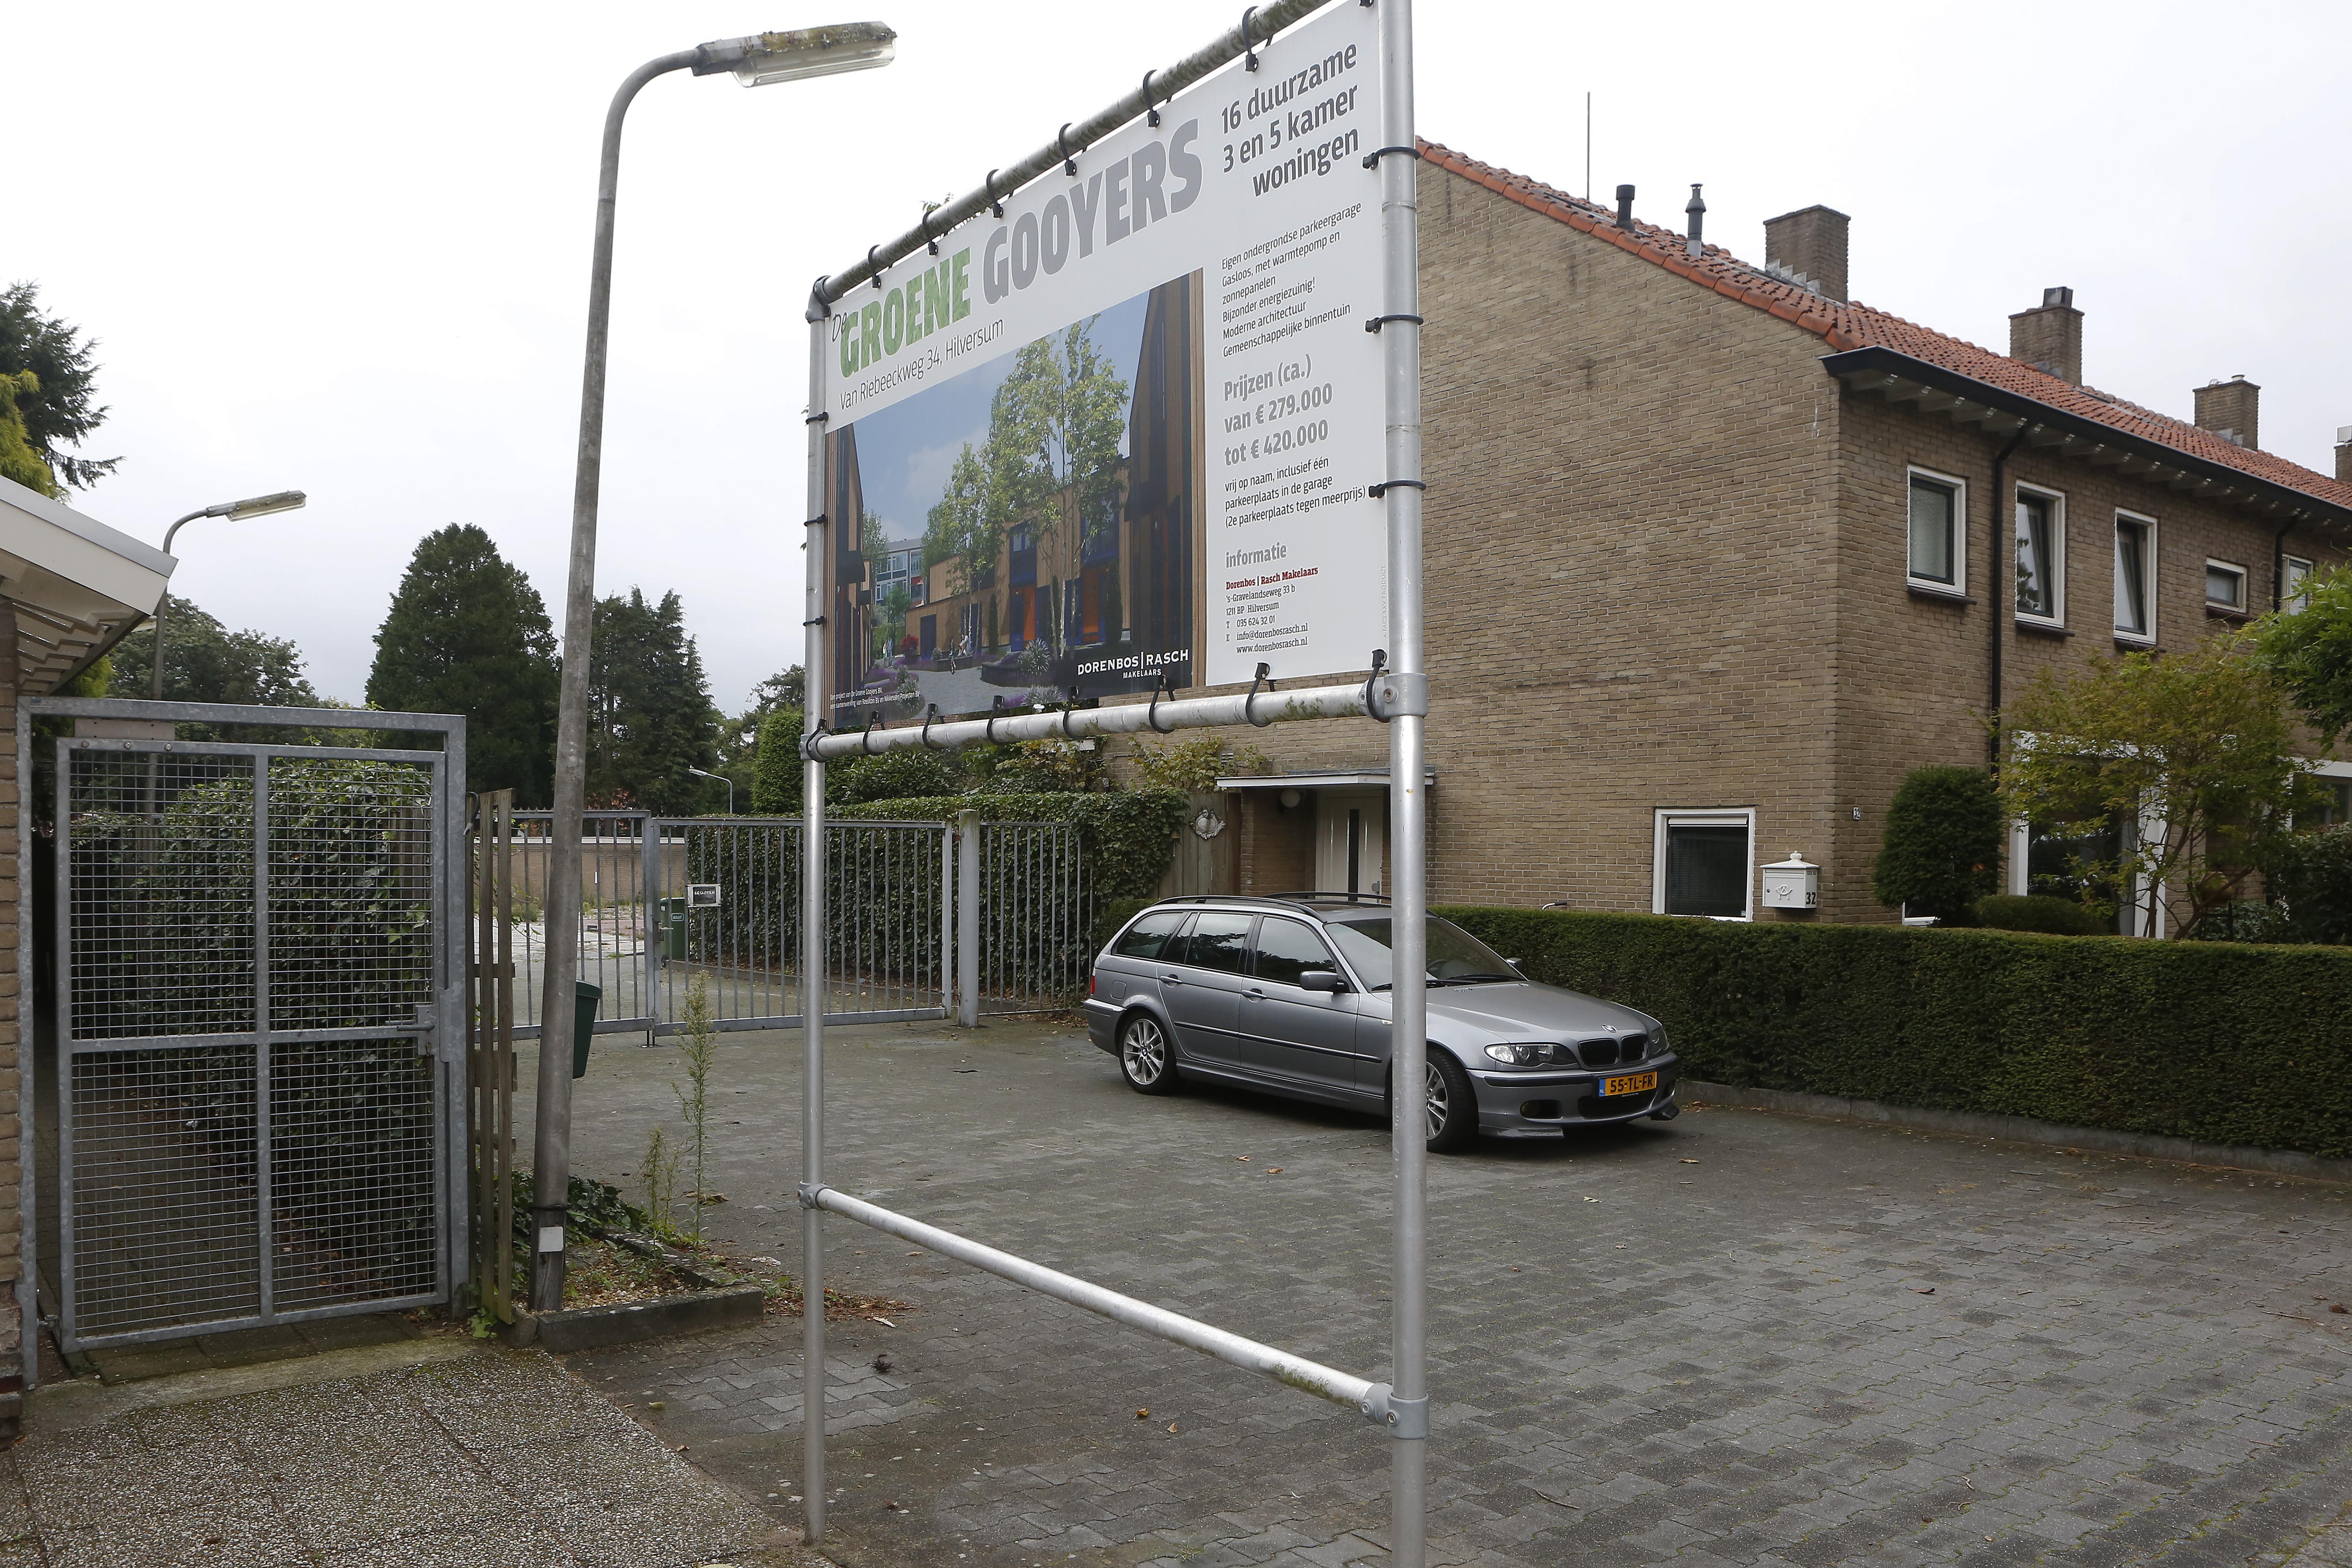 Bouw van zestien woningen op terrein tuincentrum Gooiersgroen in Hilversum maanden vertraagd; het smalle toegangsweggetje gooit roet in het eten